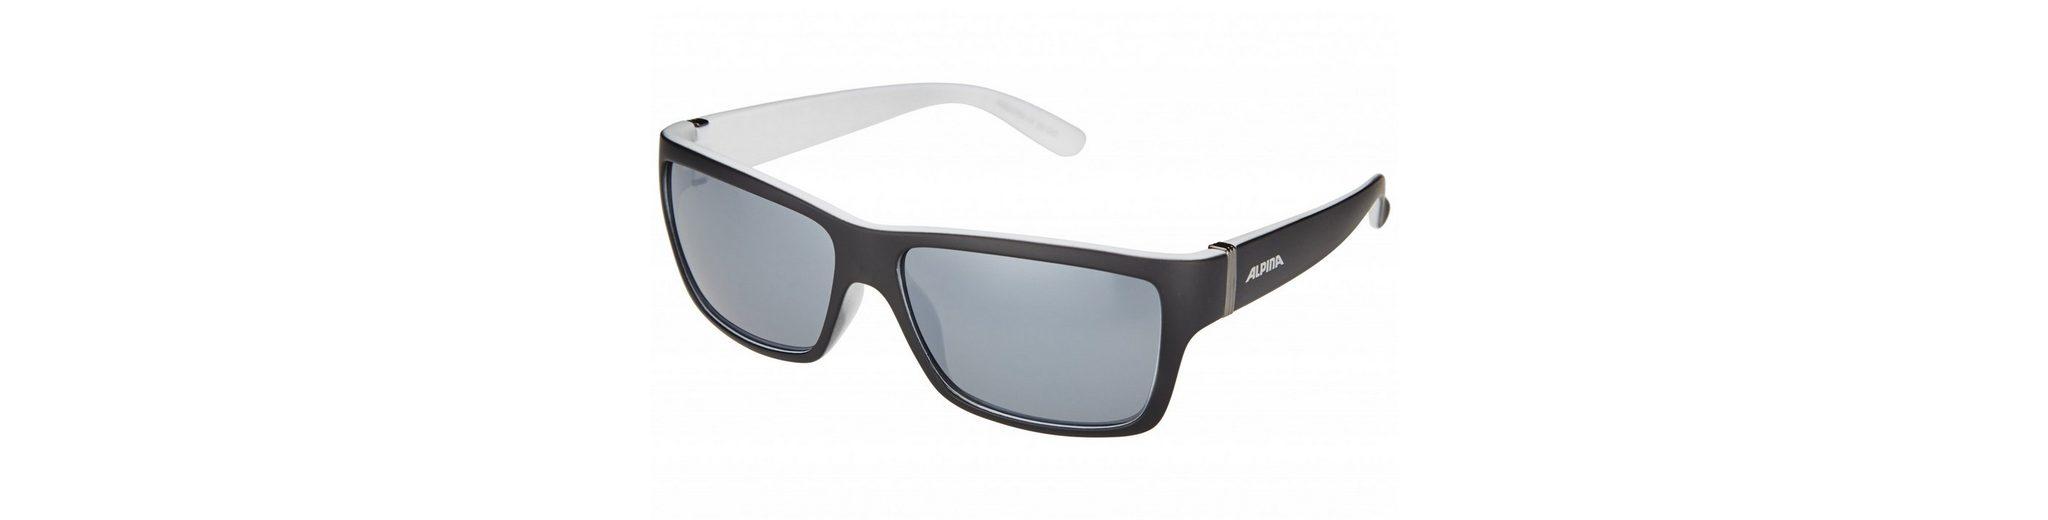 Alpina Radsportbrille »Kacey Brille«